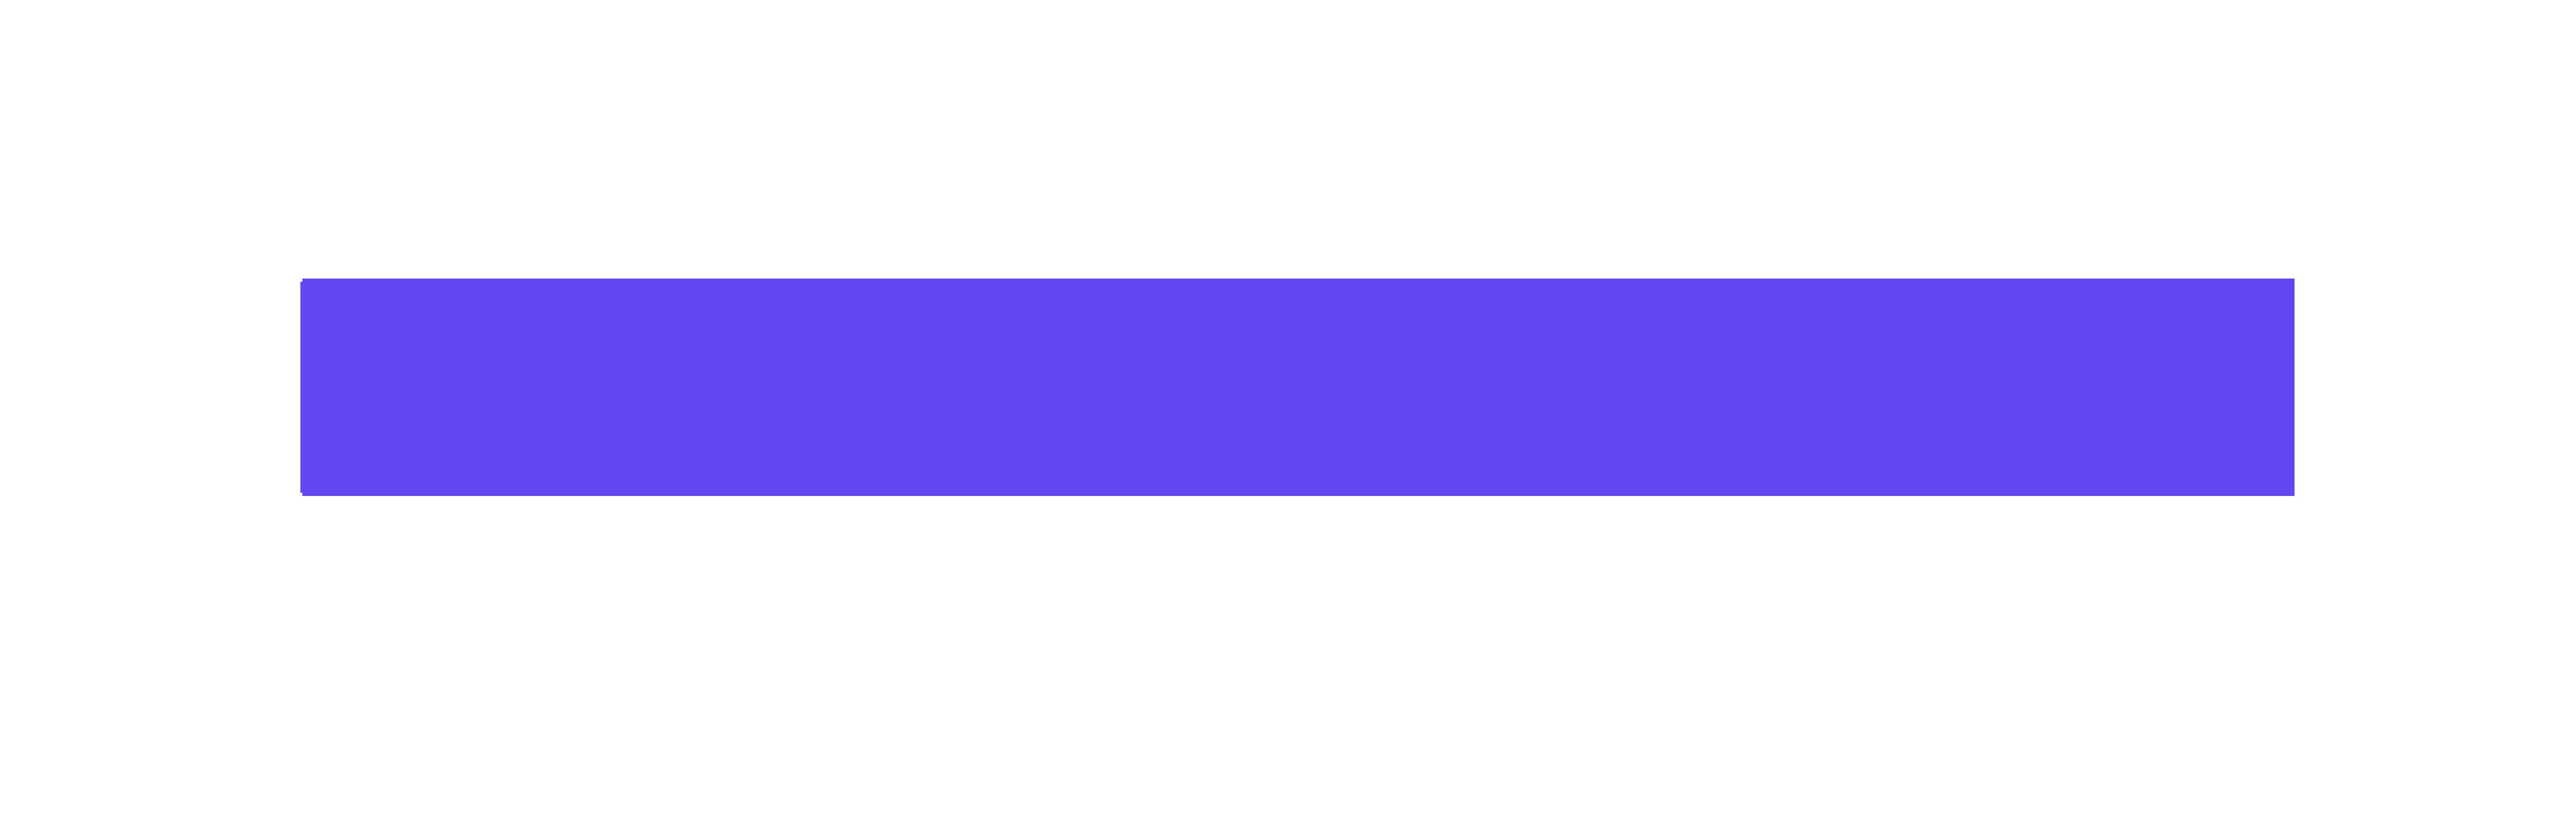 protenus-logo-large format-Purple (1)